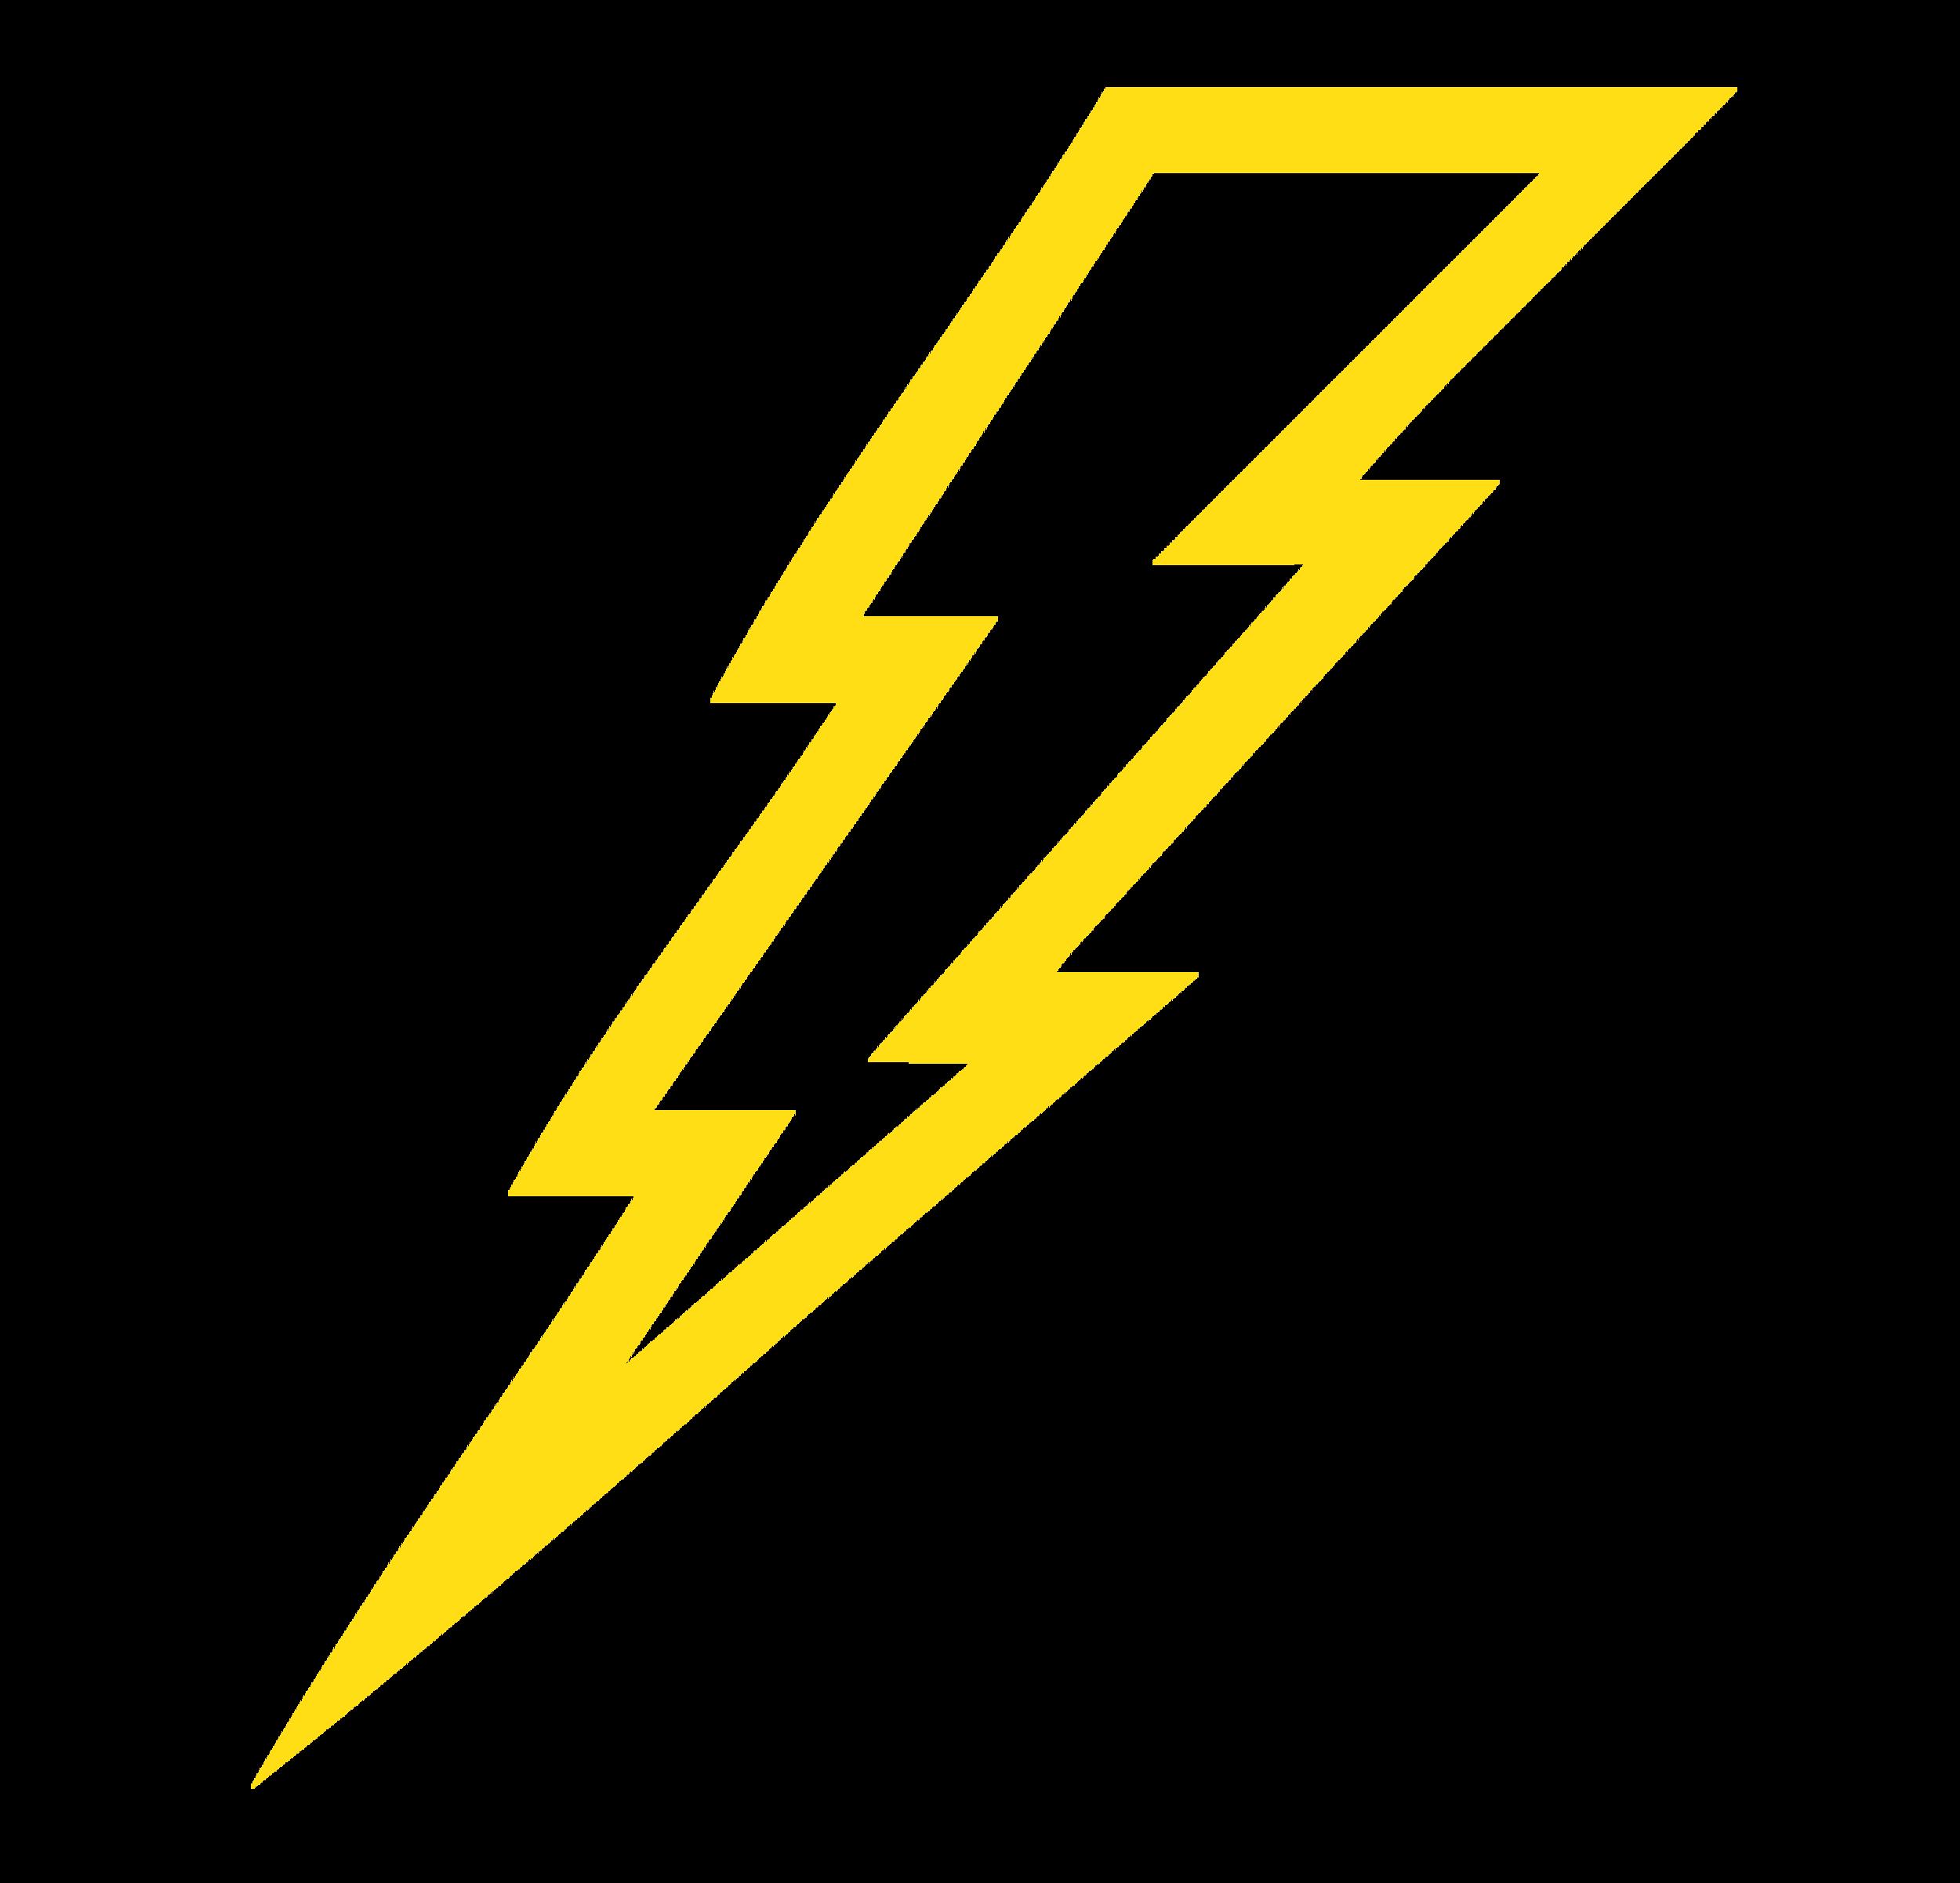 Shirt Clip Art Home Electrician Lightning Bolt Lightning Bolt